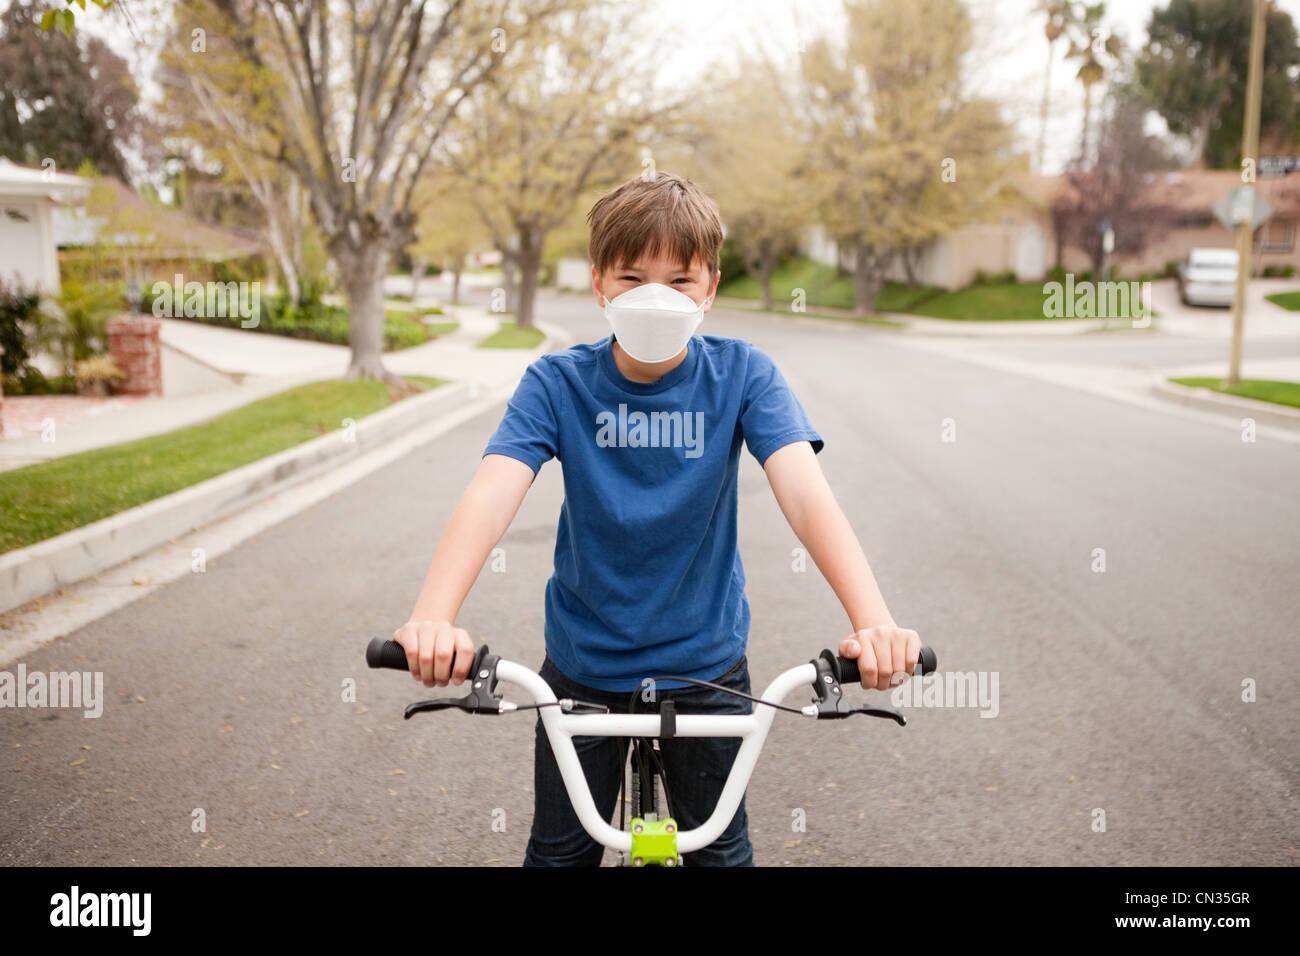 Ragazzo sulla bicicletta indossare una maschera antipolvere Immagini Stock